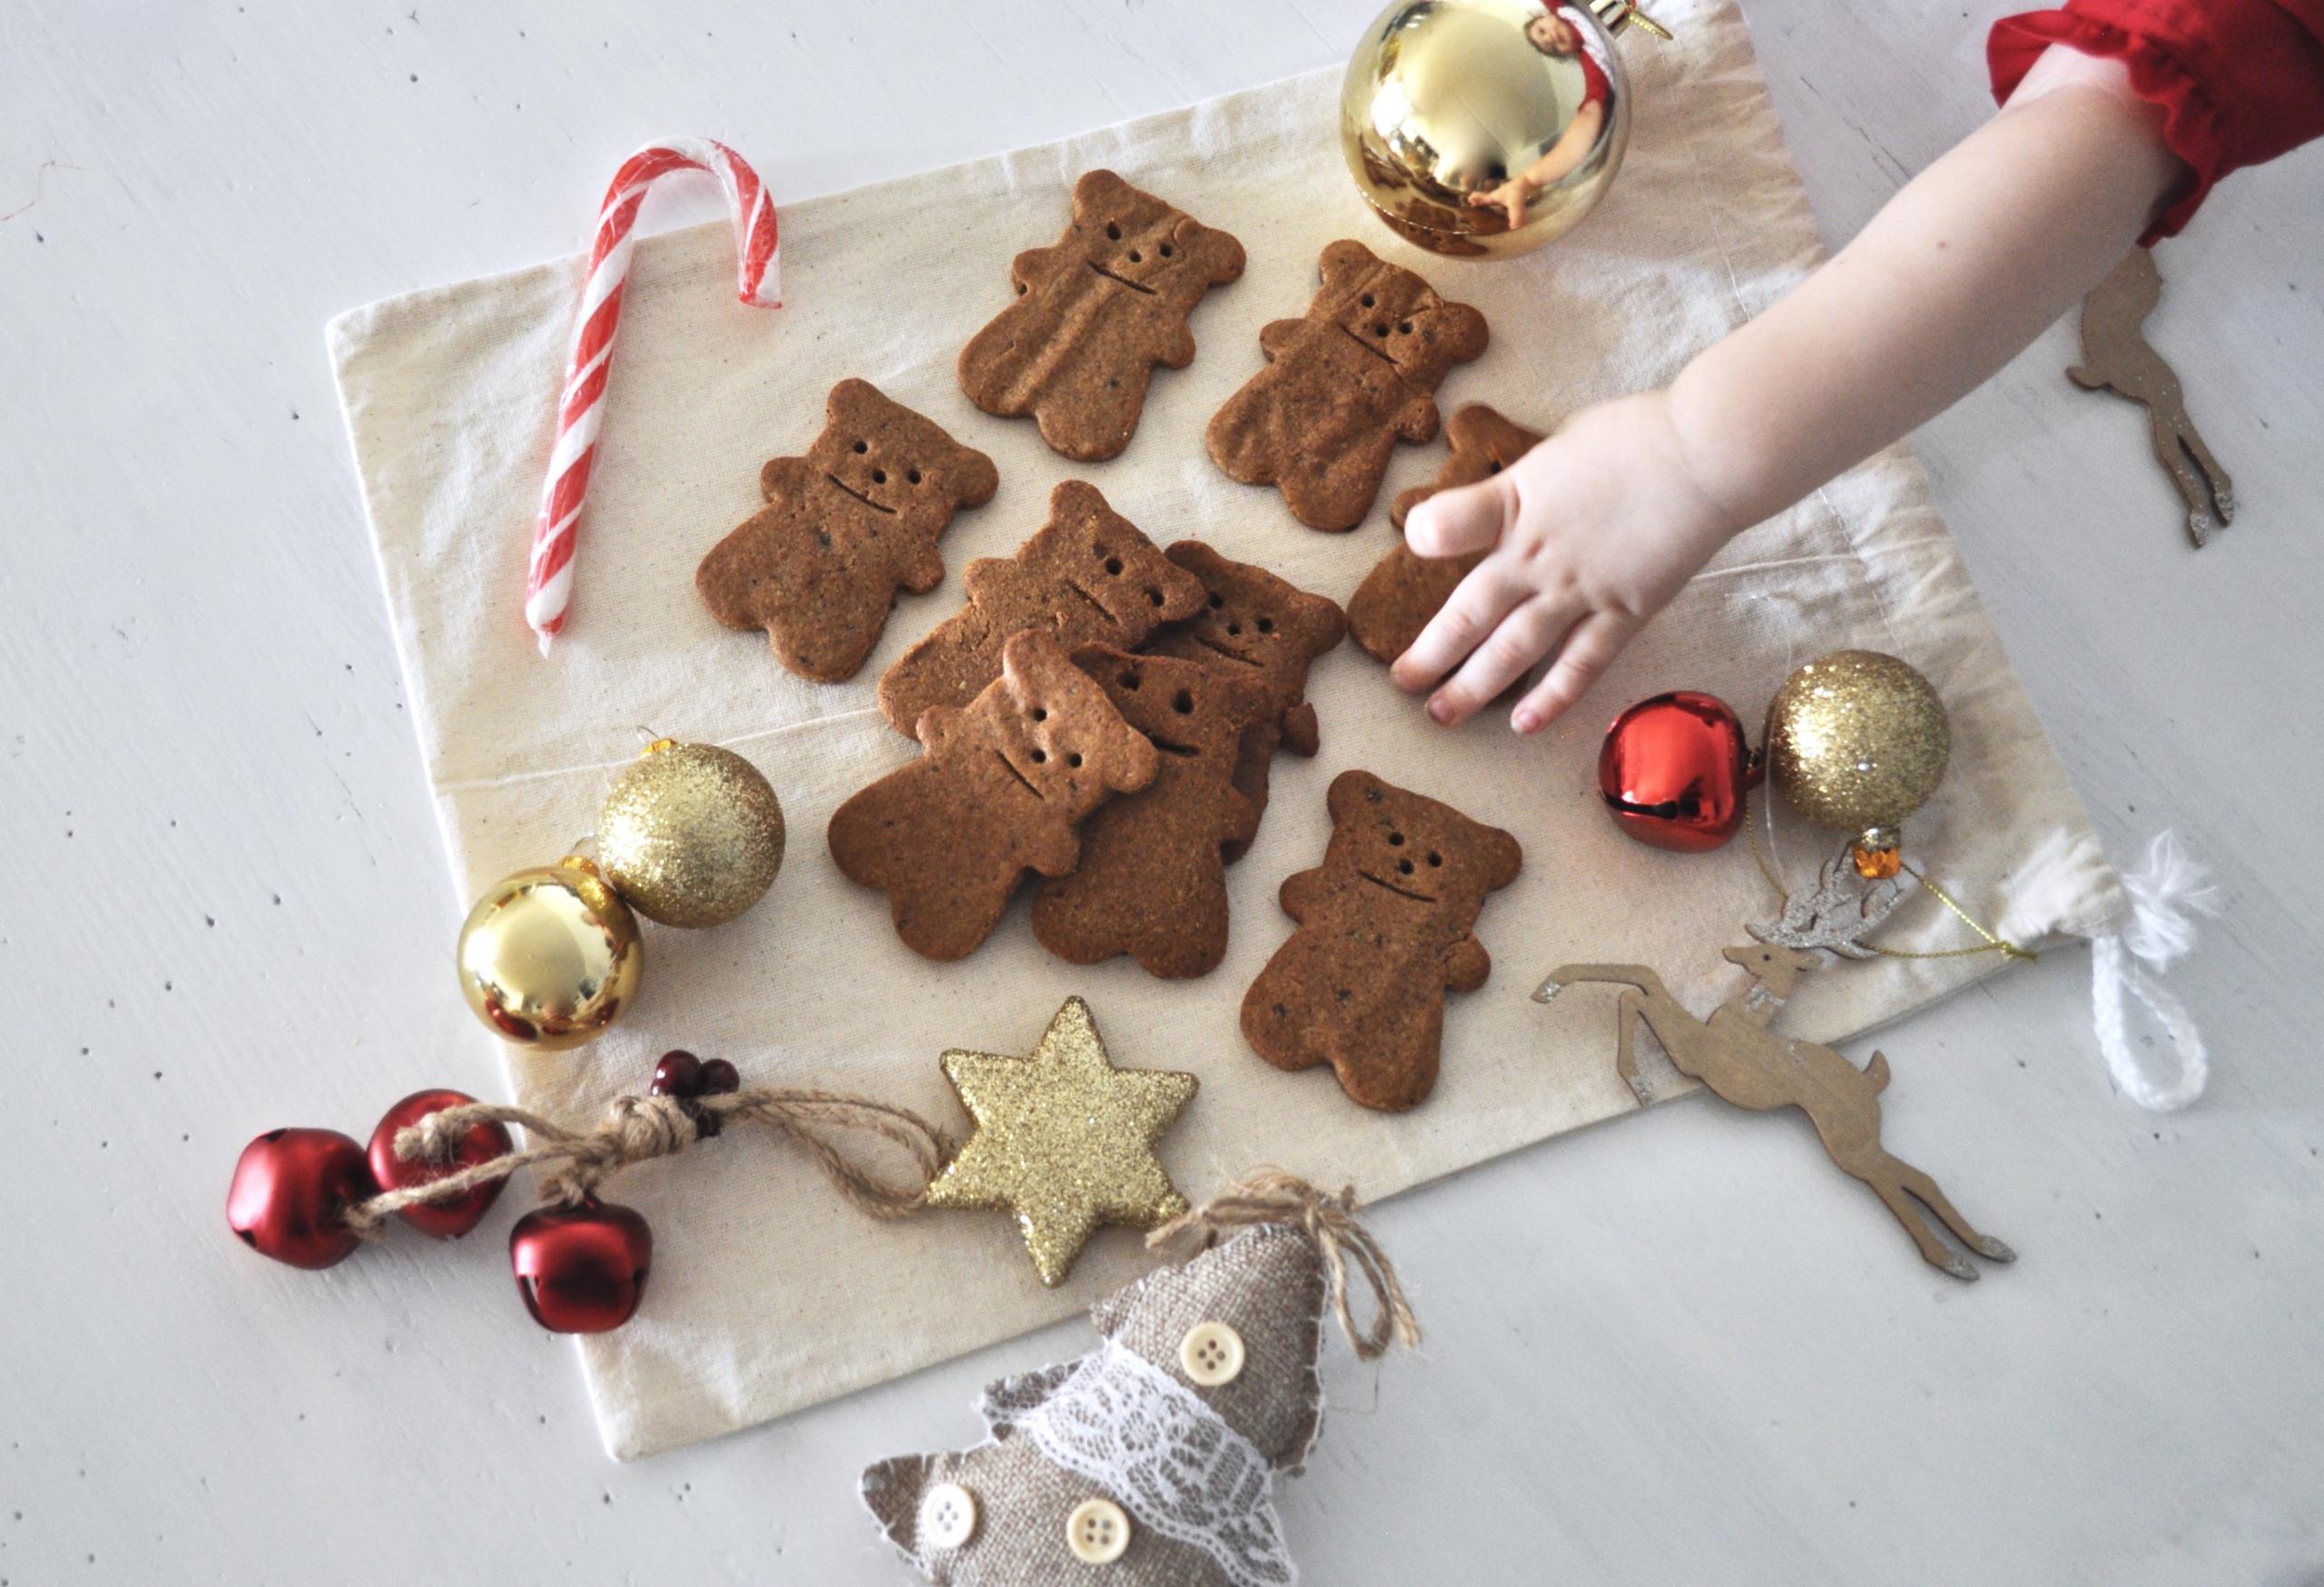 Biscuits au beurre de cacahuètes - une recette gourmande et hyper facile à préparer avec les enfants